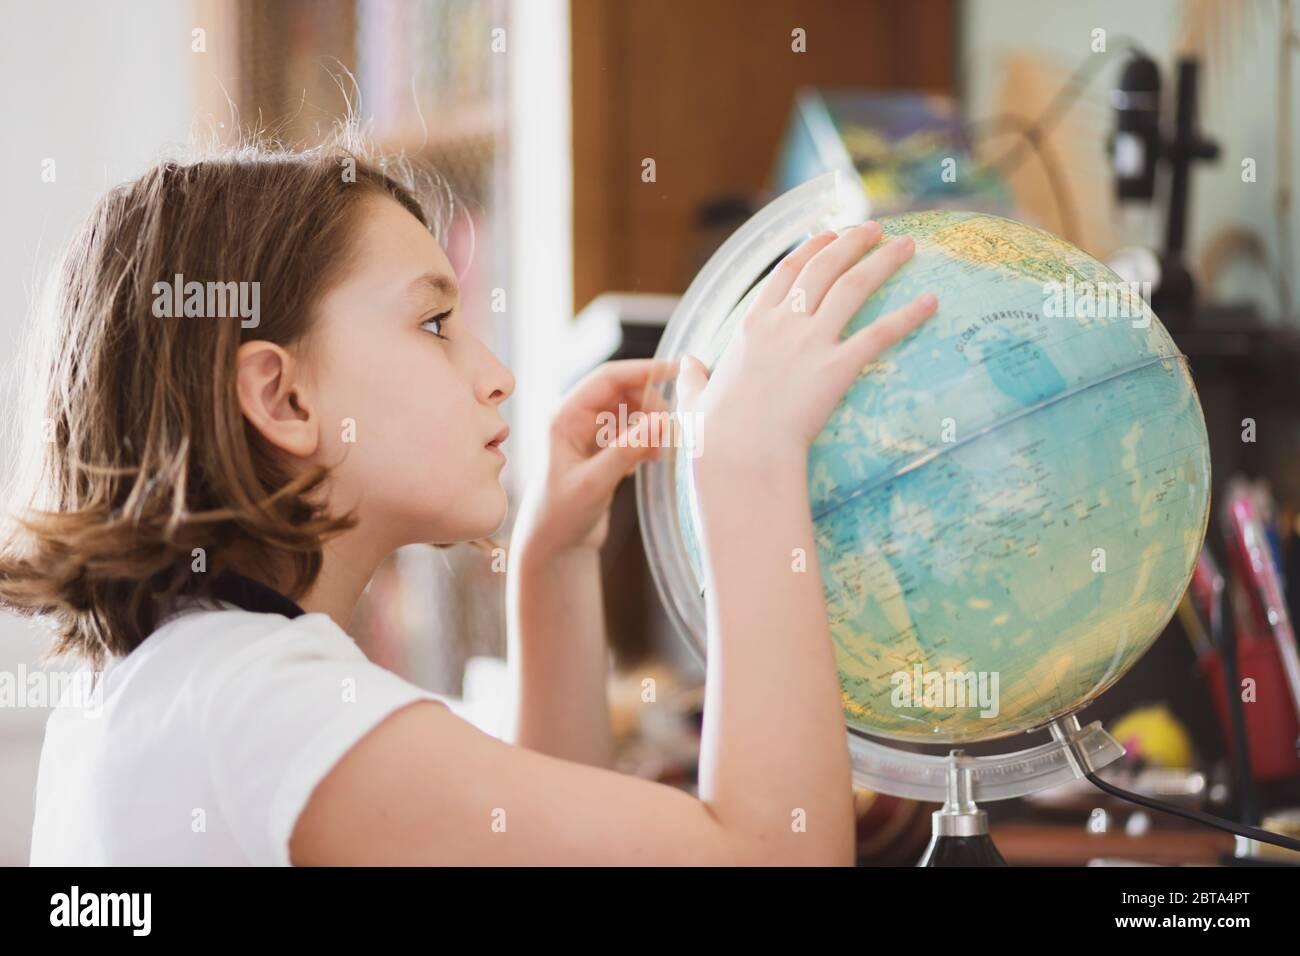 Junges Mädchen siiting an ihrem Schreibtisch und beobachten einen Globus.. Stockfoto